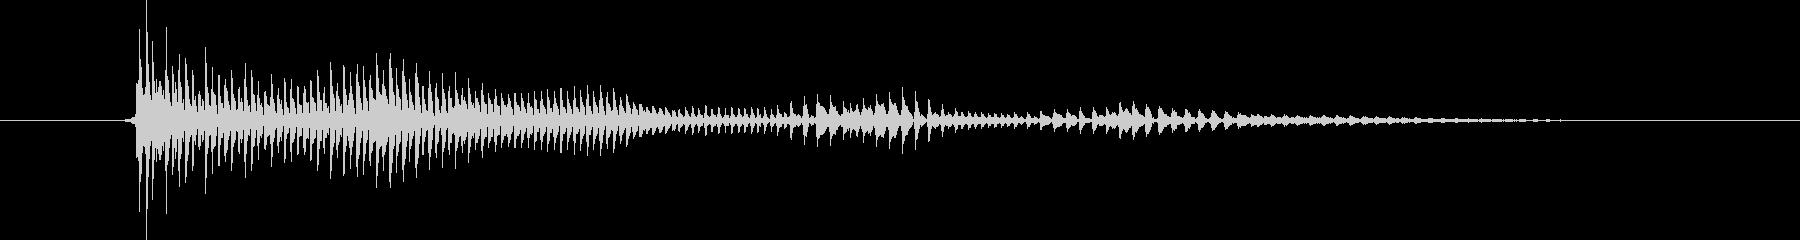 パーカッション 口ハープ10の未再生の波形